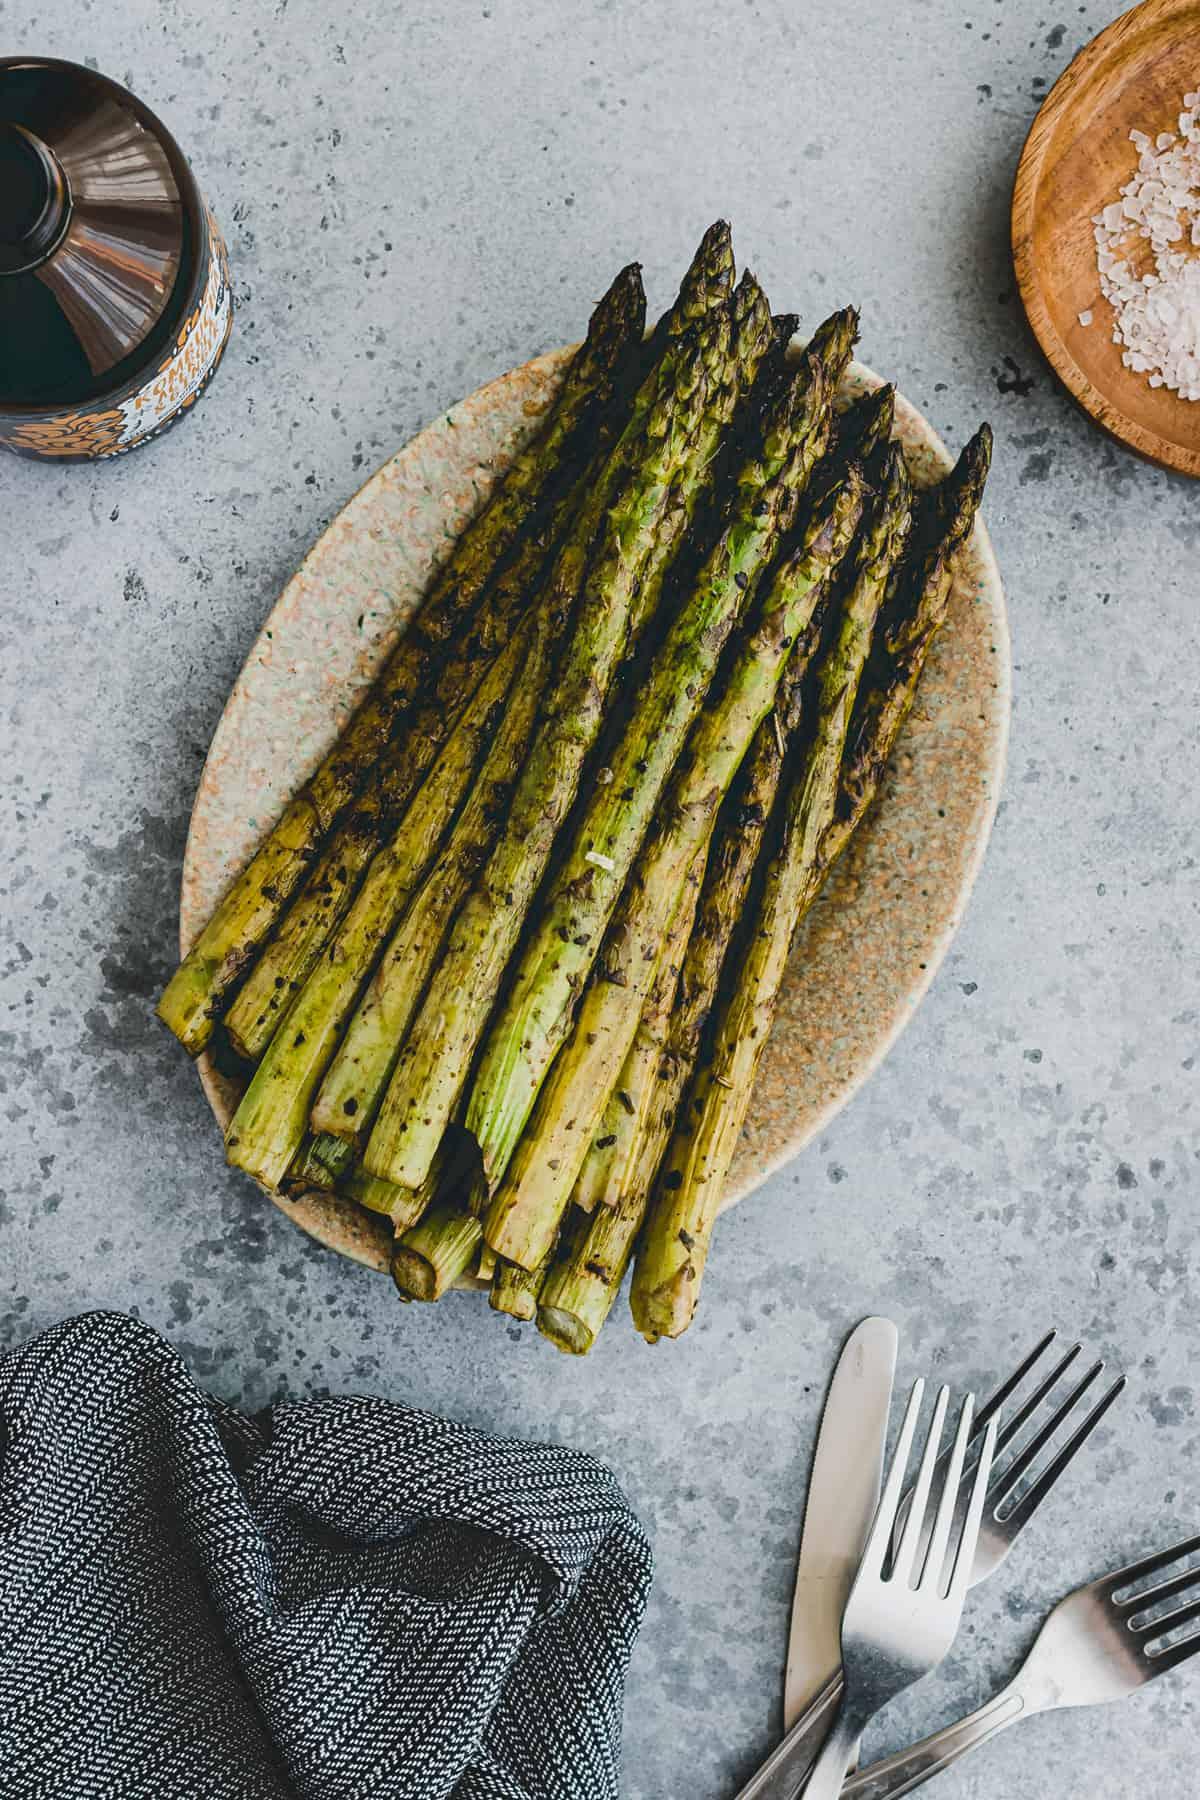 grilled asparagus on a serving platter